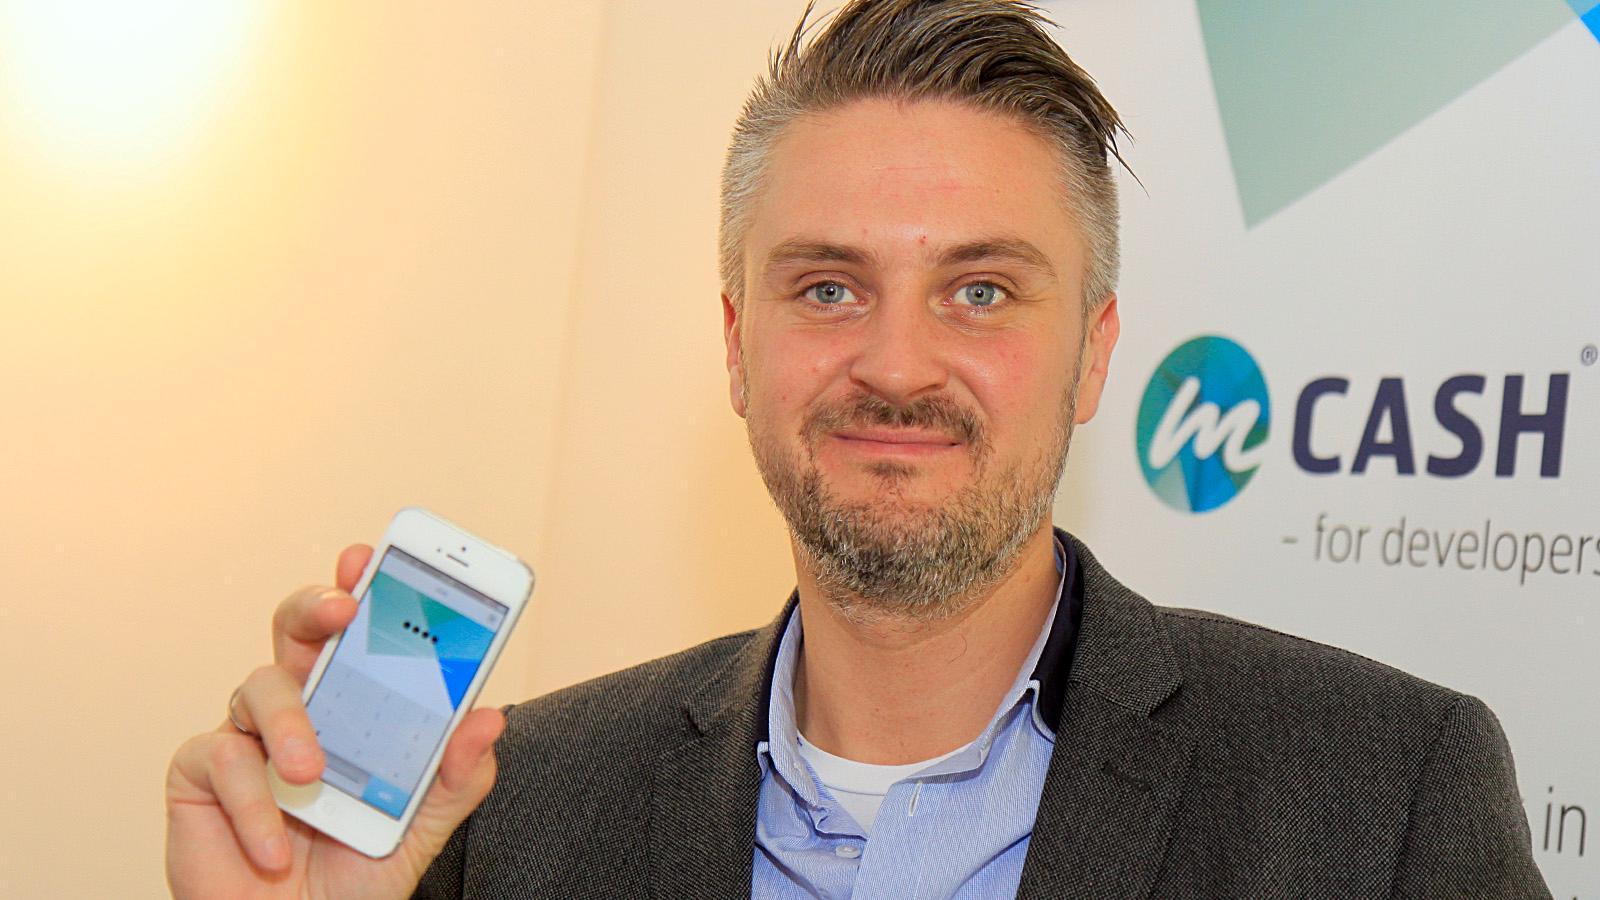 Denne appen erstatter bankkortet ditt